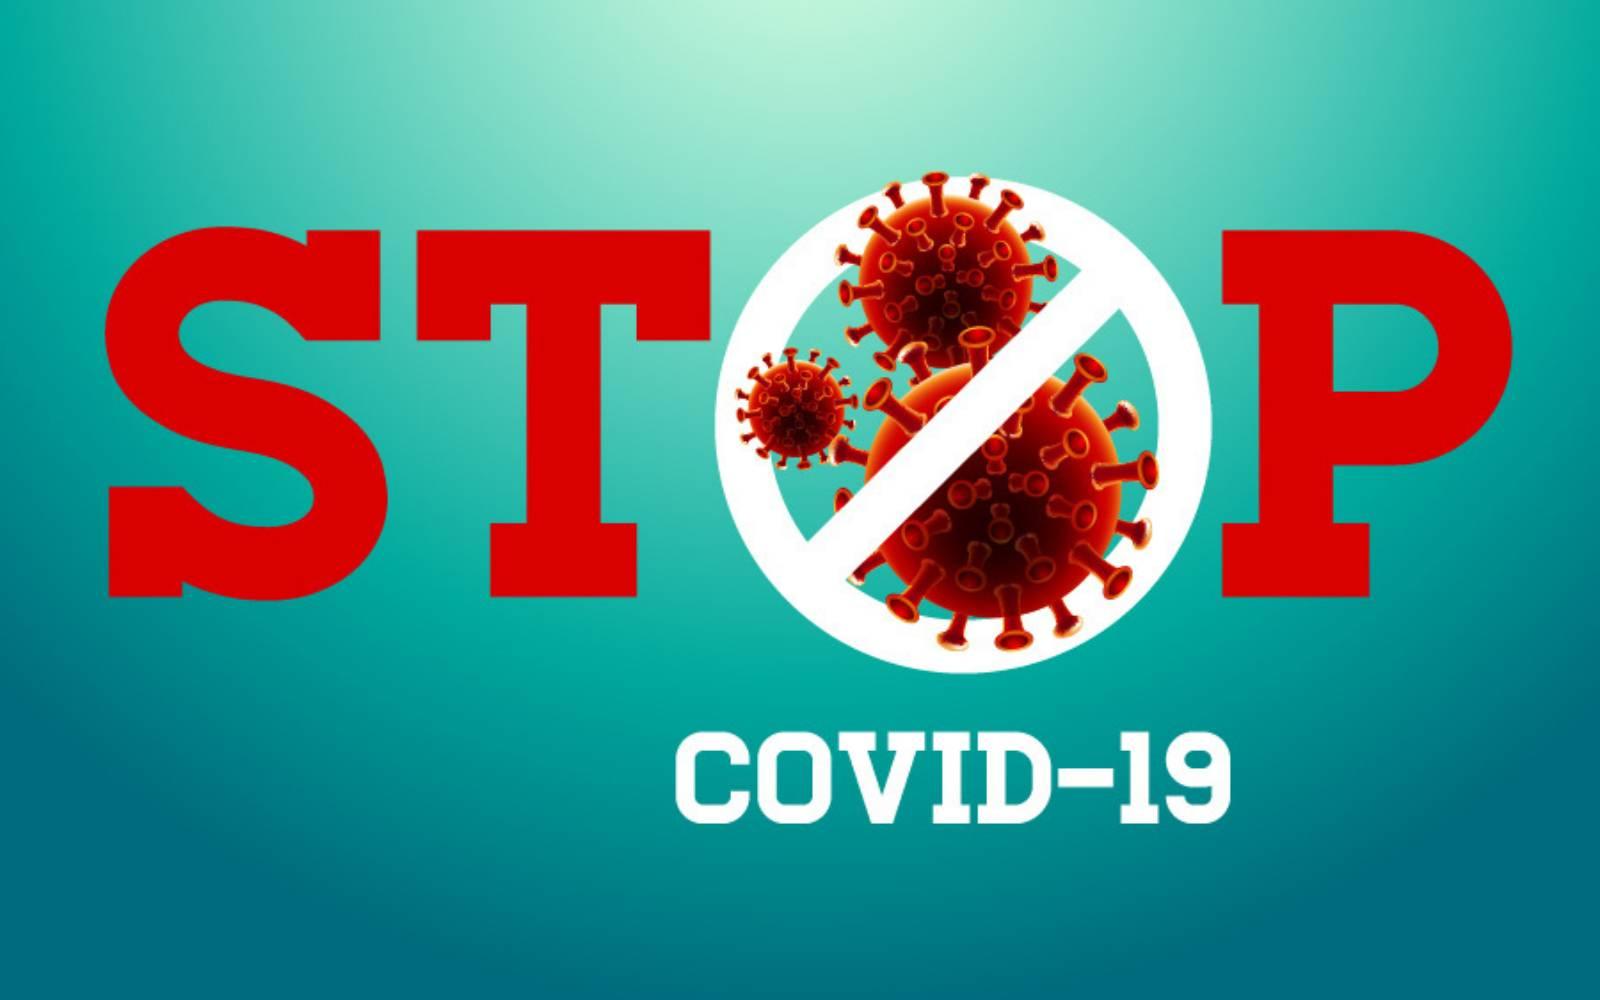 Μέτρα Πρόληψης και Προστασίας έναντι του COVID-19